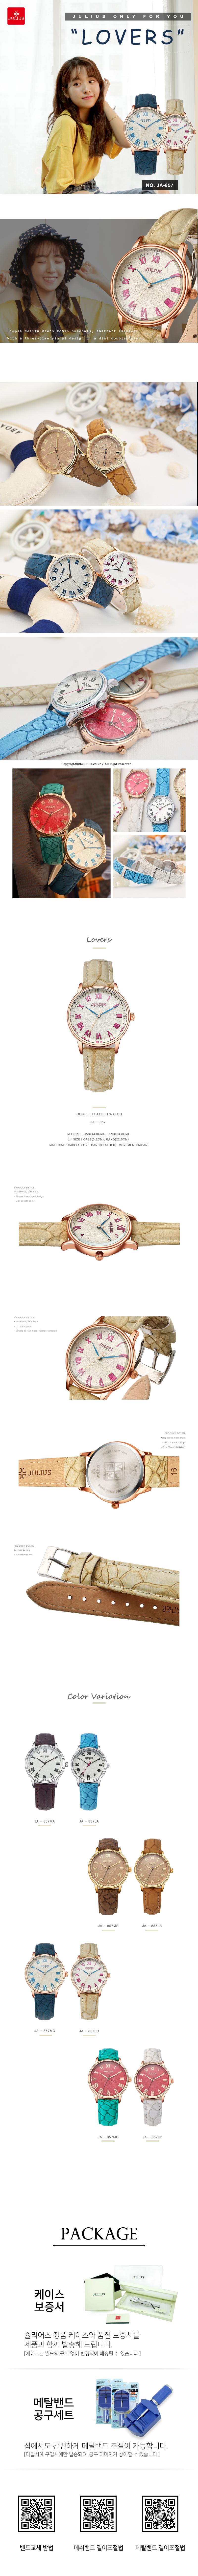 JA-857 가죽시계 - 쥴리어스, 45,000원, 여성시계, 가죽시계